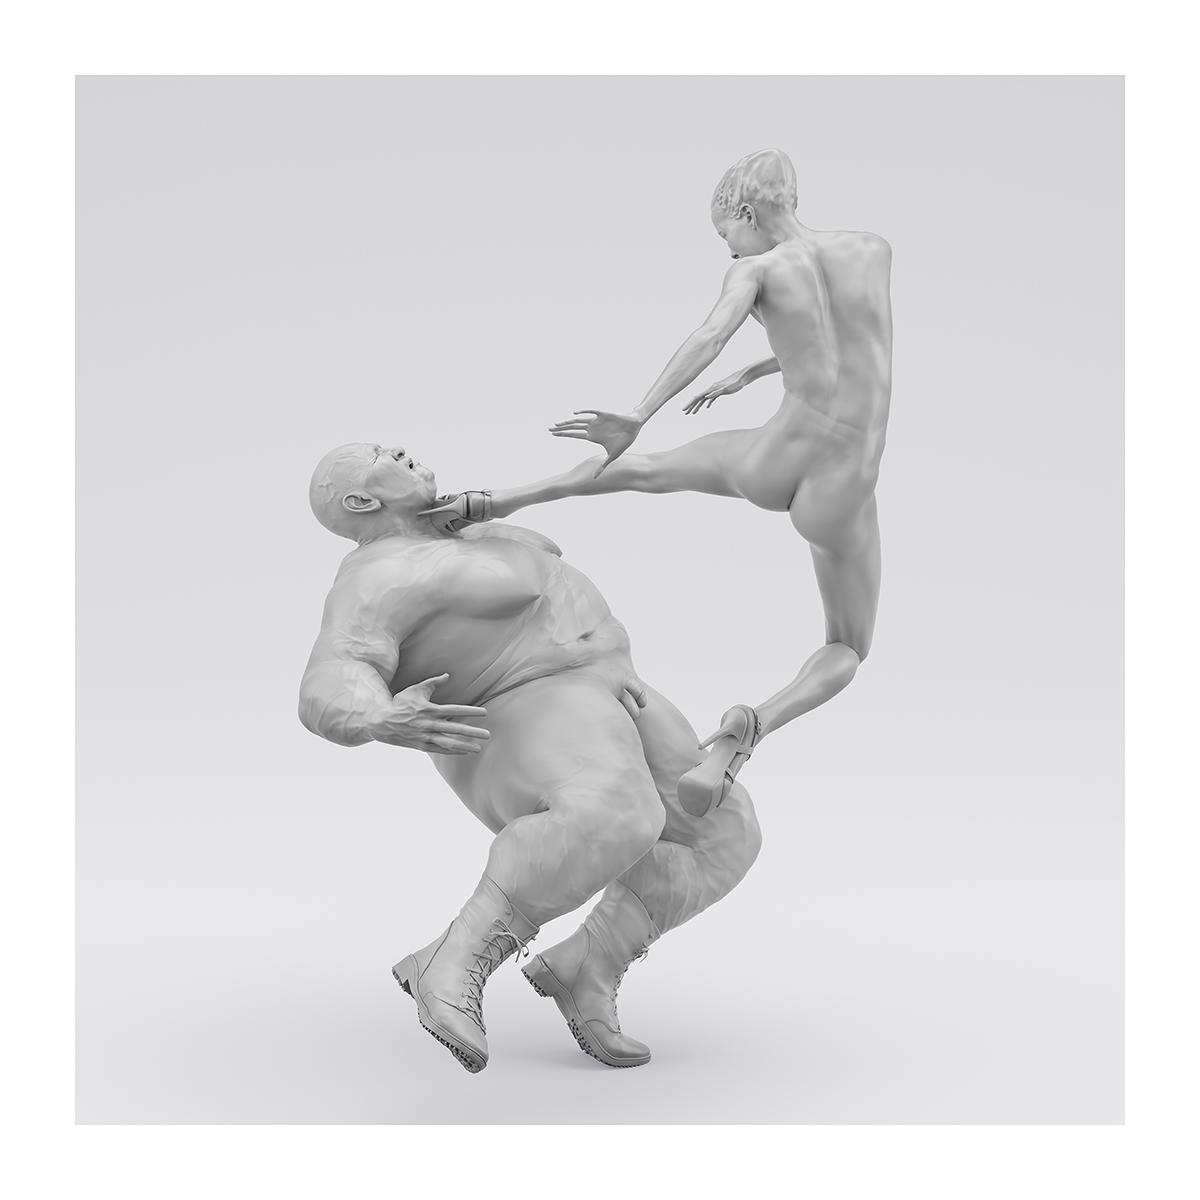 I will not Make any more Boring Art XIV 003 1 - 2020 - I will not Make any more Boring Art. XIV. (Men, Women. The Struggle. I)